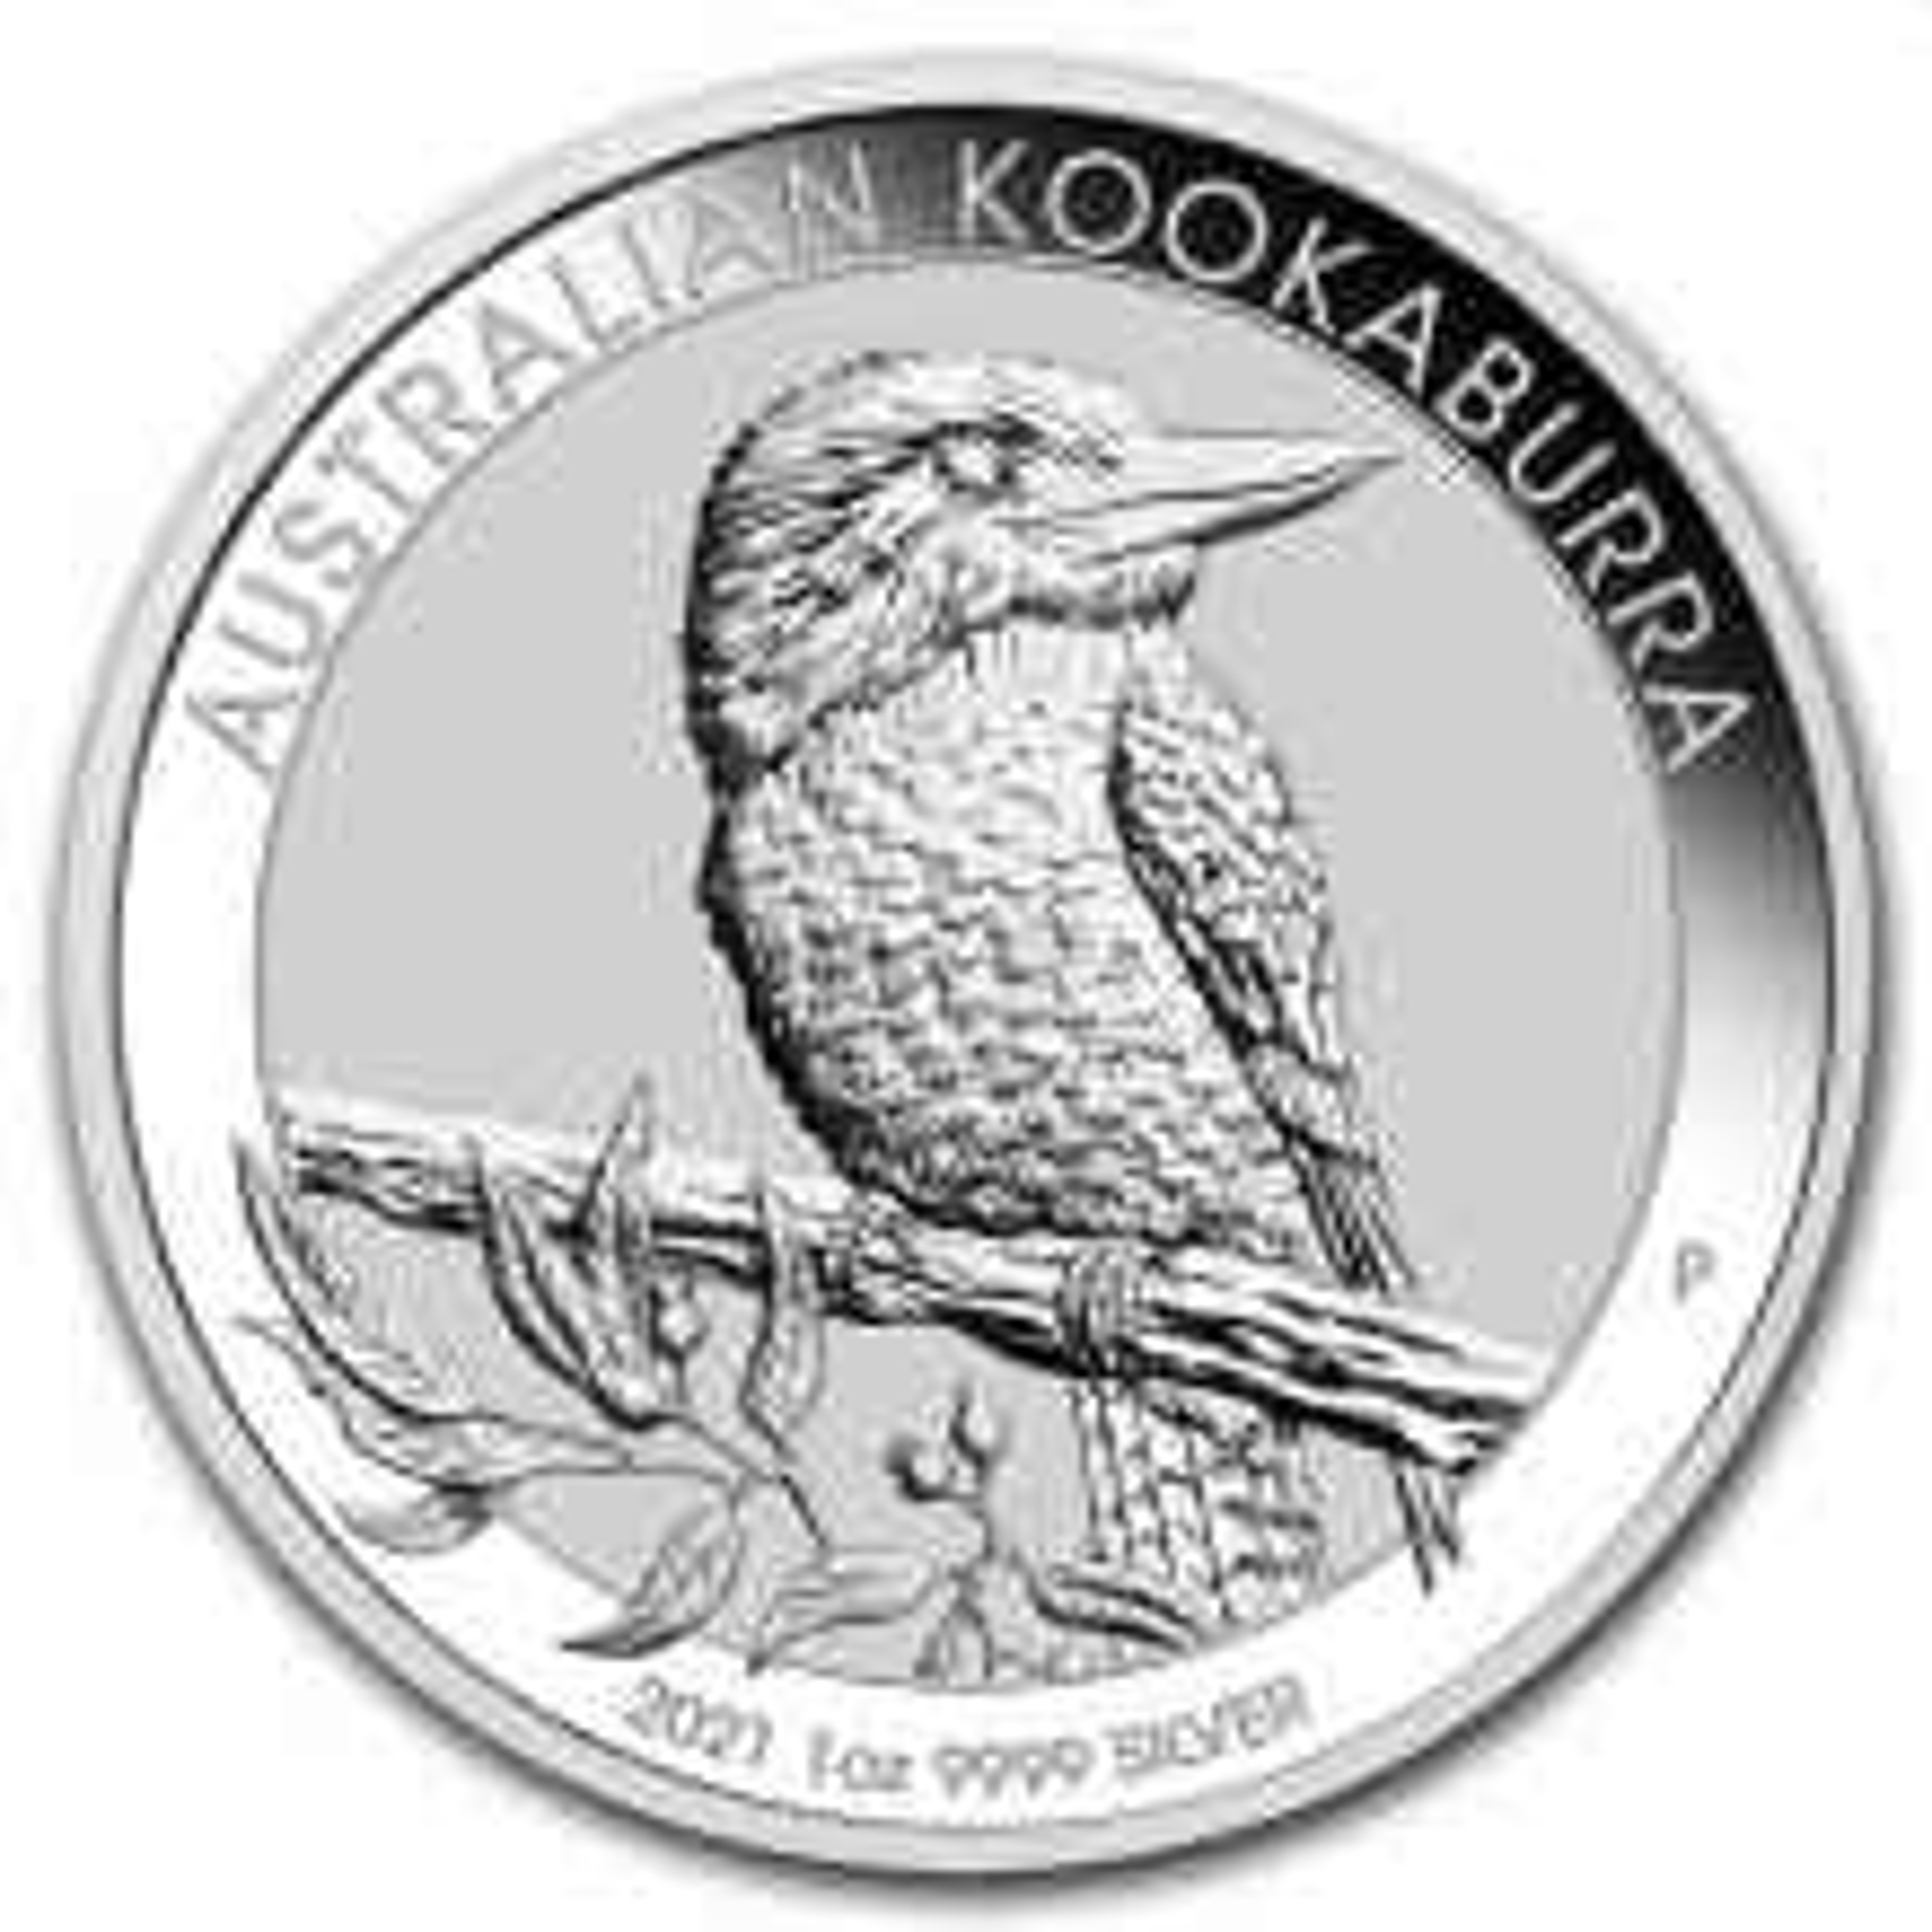 1 troy ounce silver coin Kookaburra 2021